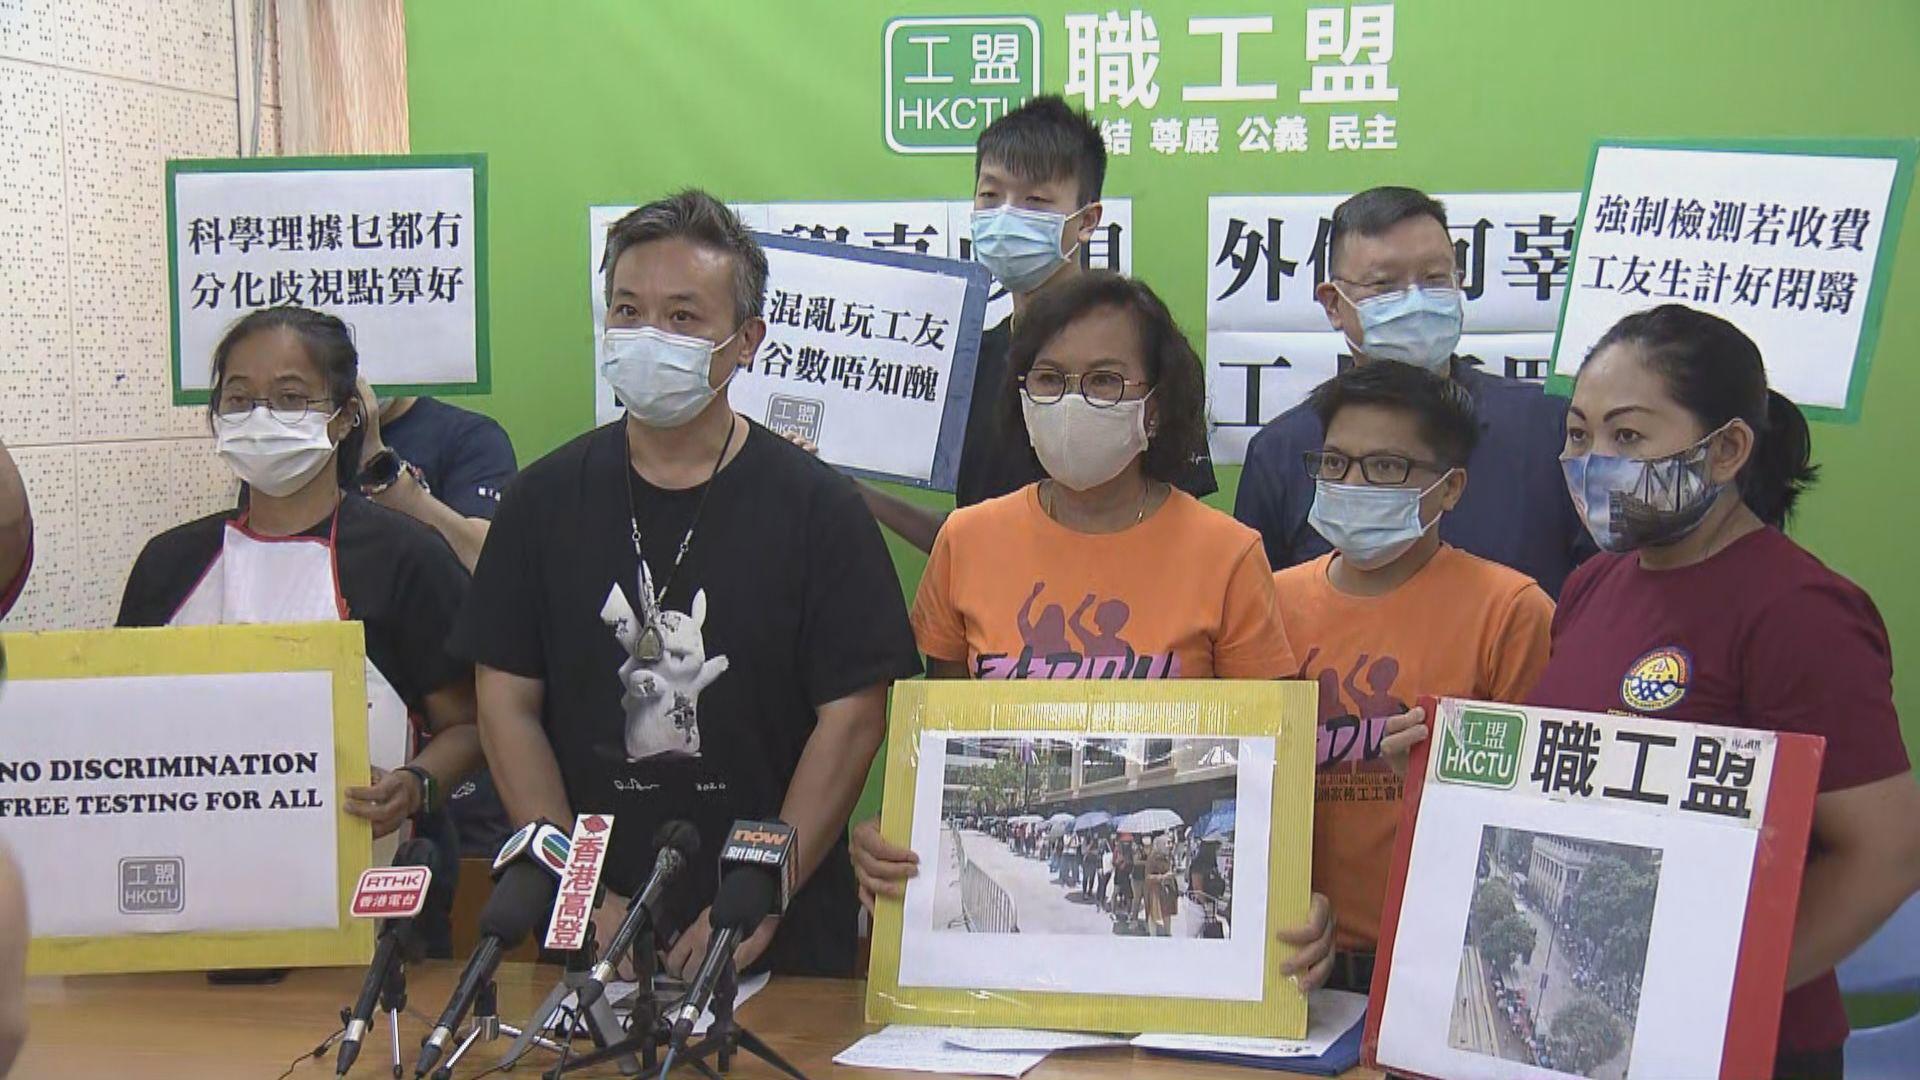 工會反對強制外傭檢測及接種疫苗